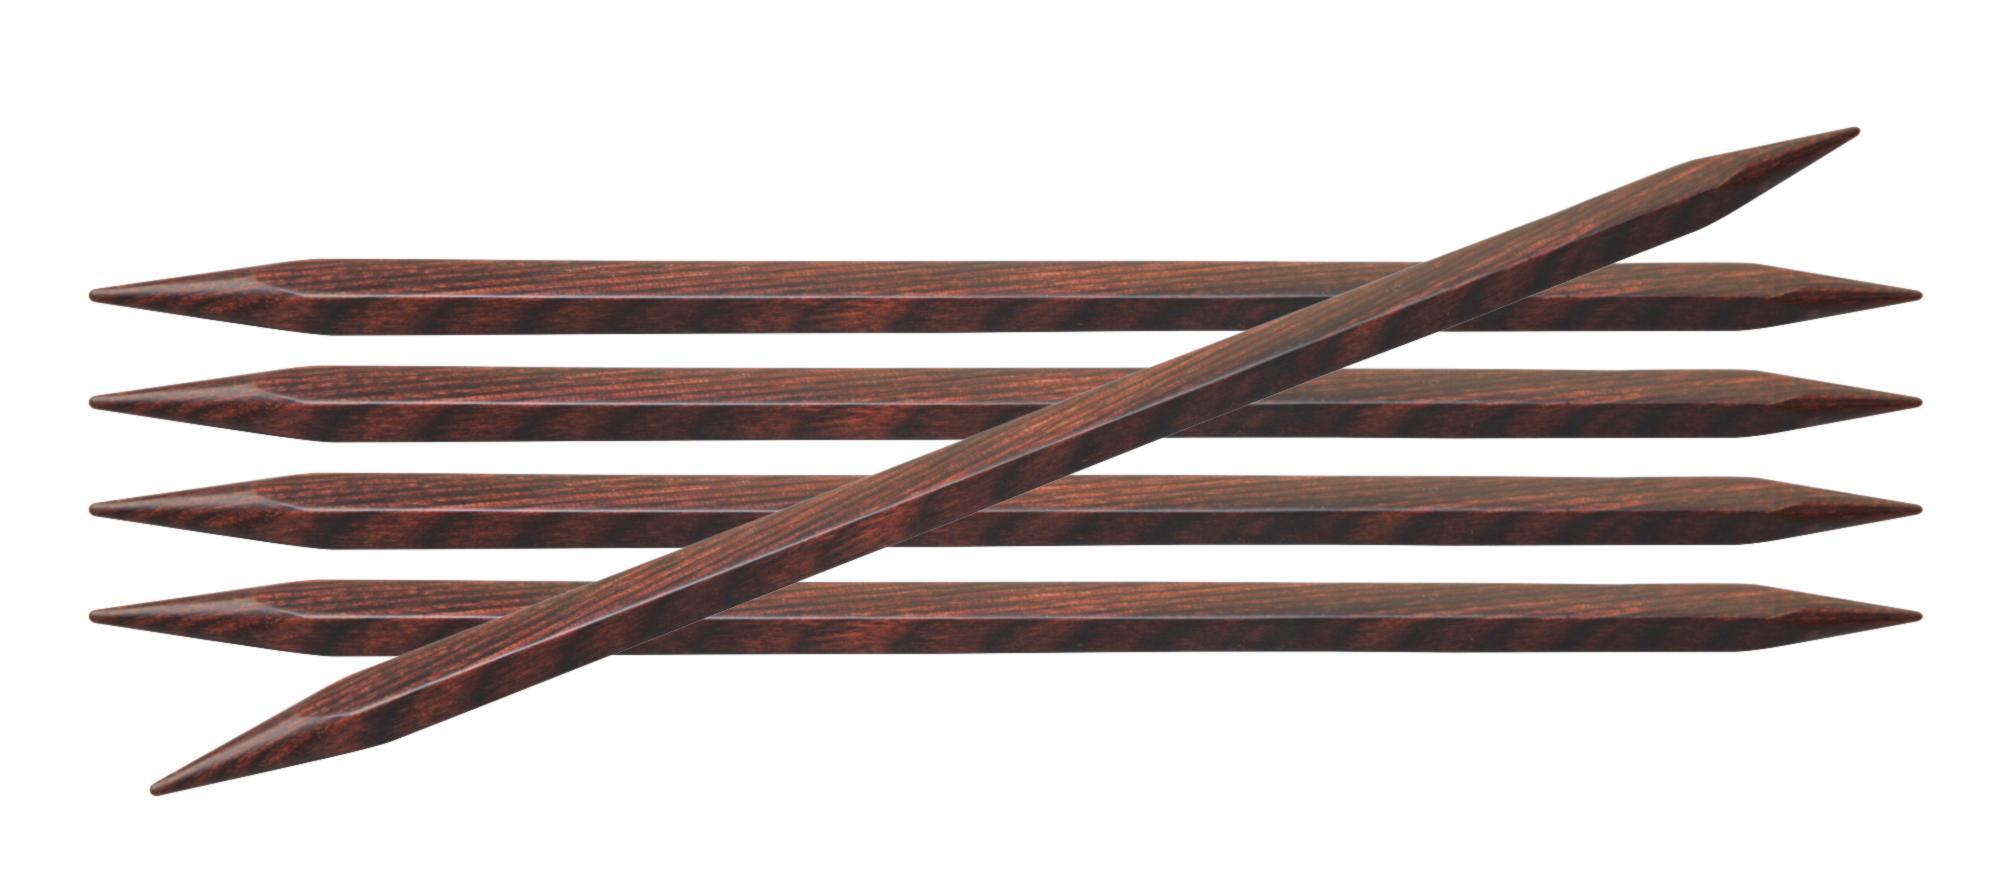 Спицы носочные 15 см Cubics Symfonie-Rose KnitPro, 25102, 2.50 мм